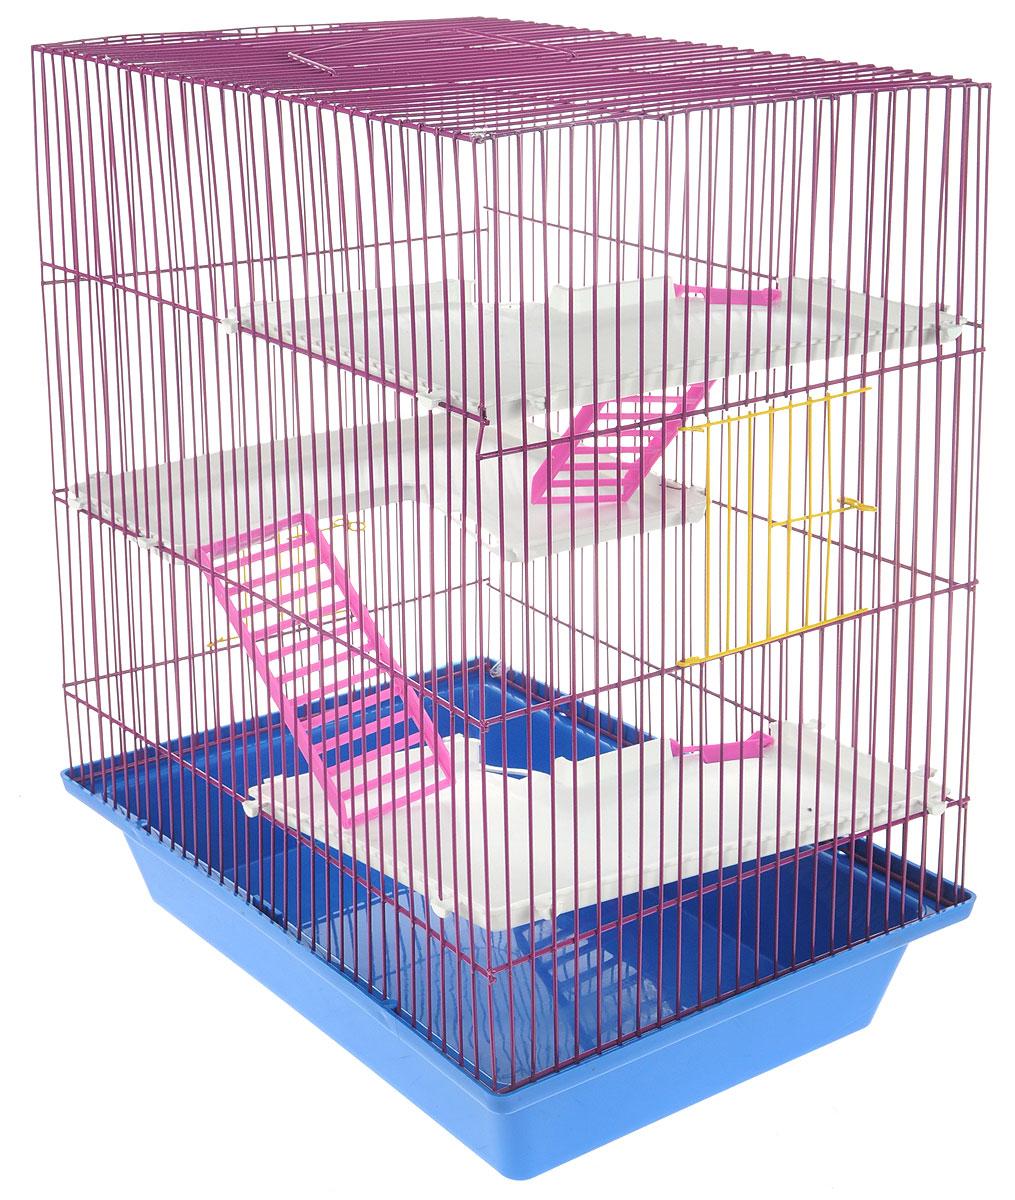 Клетка для грызунов ЗооМарк Гризли, 4-этажная, цвет: синий поддон, фиолетовая решетка, белые этажи, 41 х 30 х 50 см240_синий, фиолетовыйКлетка ЗооМарк Гризли, выполненная из полипропилена и металла, подходит для мелких грызунов. Изделие четырехэтажное. Клетка имеет яркий поддон, удобна в использовании и легко чистится. Сверху имеется ручка для переноски. Такая клетка станет уединенным личным пространством и уютным домиком для маленького грызуна.